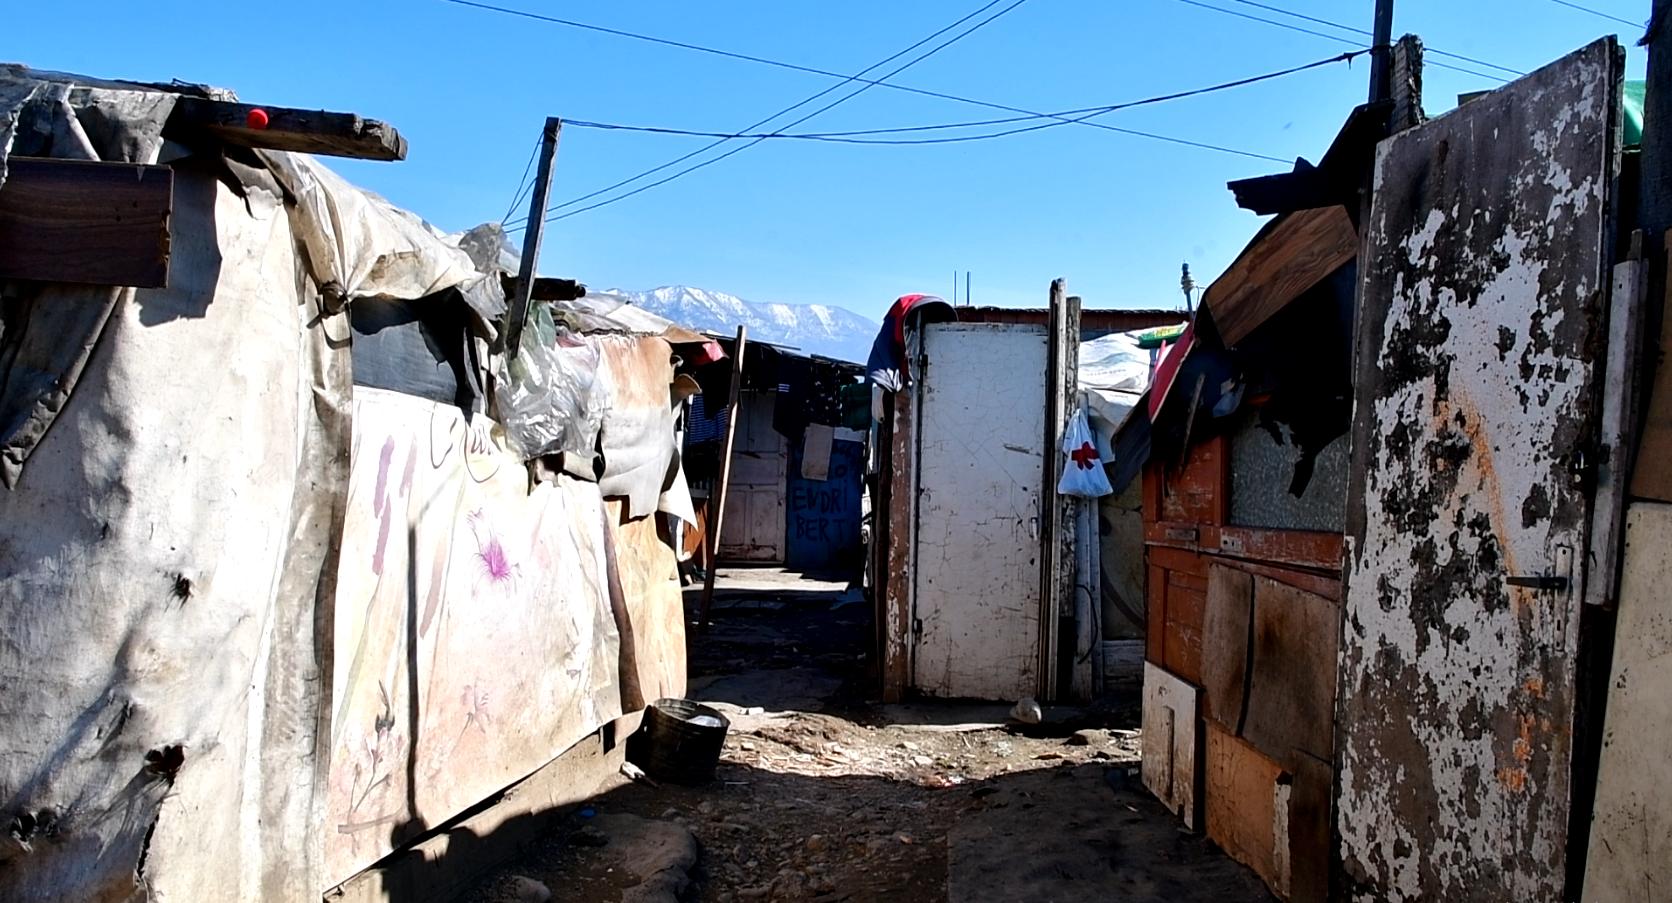 Të zhgënjyer dhe të papërfaqësuar: Pjesëmarrja e komunitetit Rom dhe Egjiptian në votime